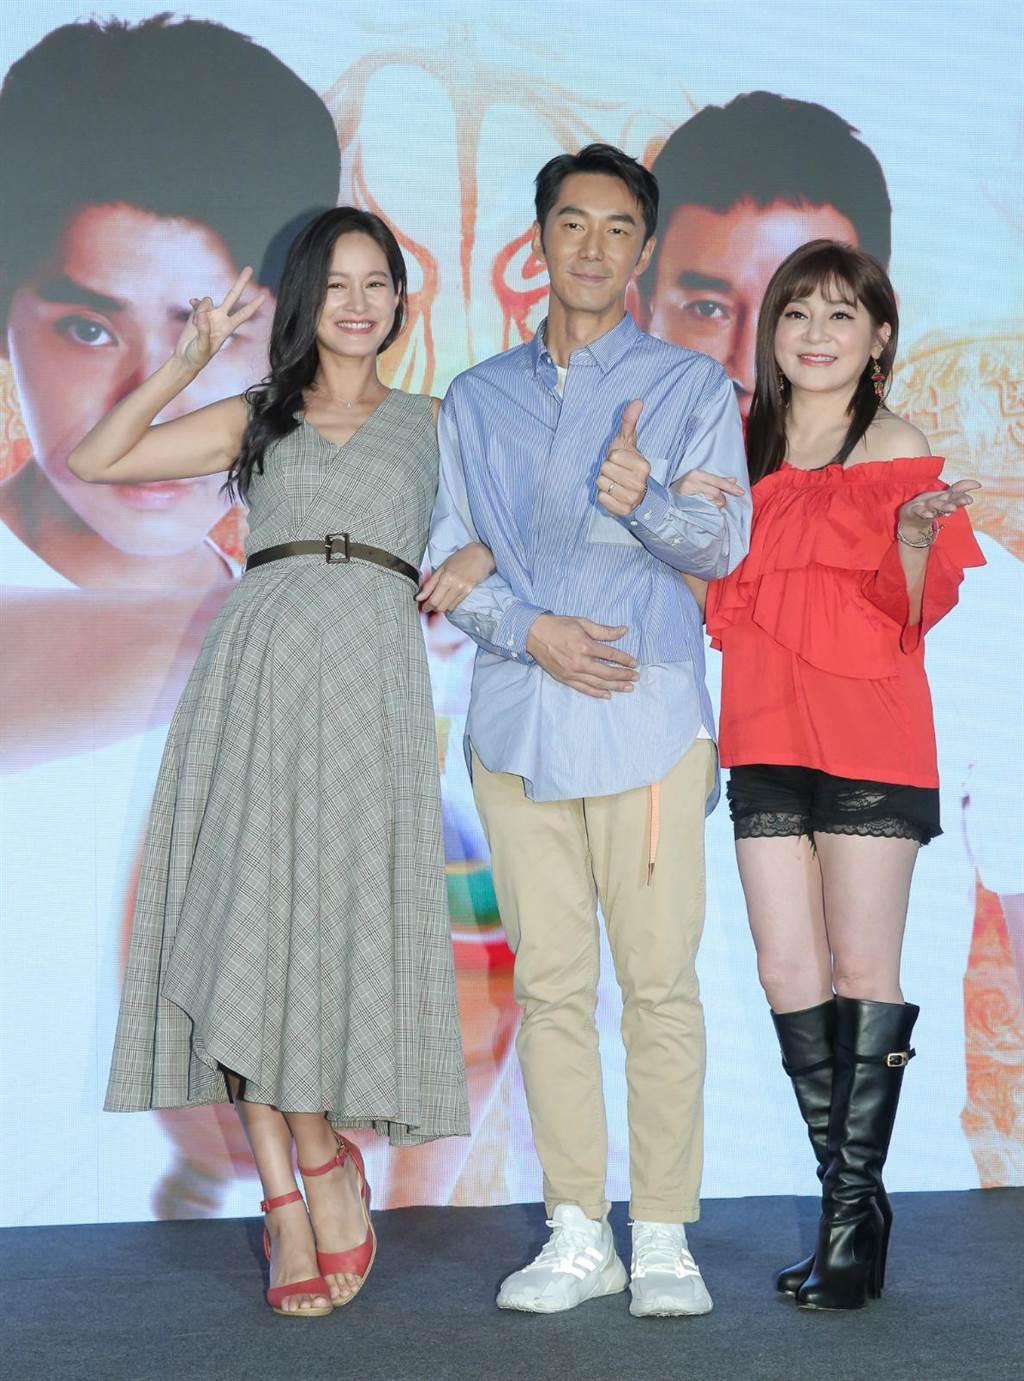 《神之乡》20日举行戏剧发布会,左起为Janet、李李仁、王彩桦。(卢祎祺摄)